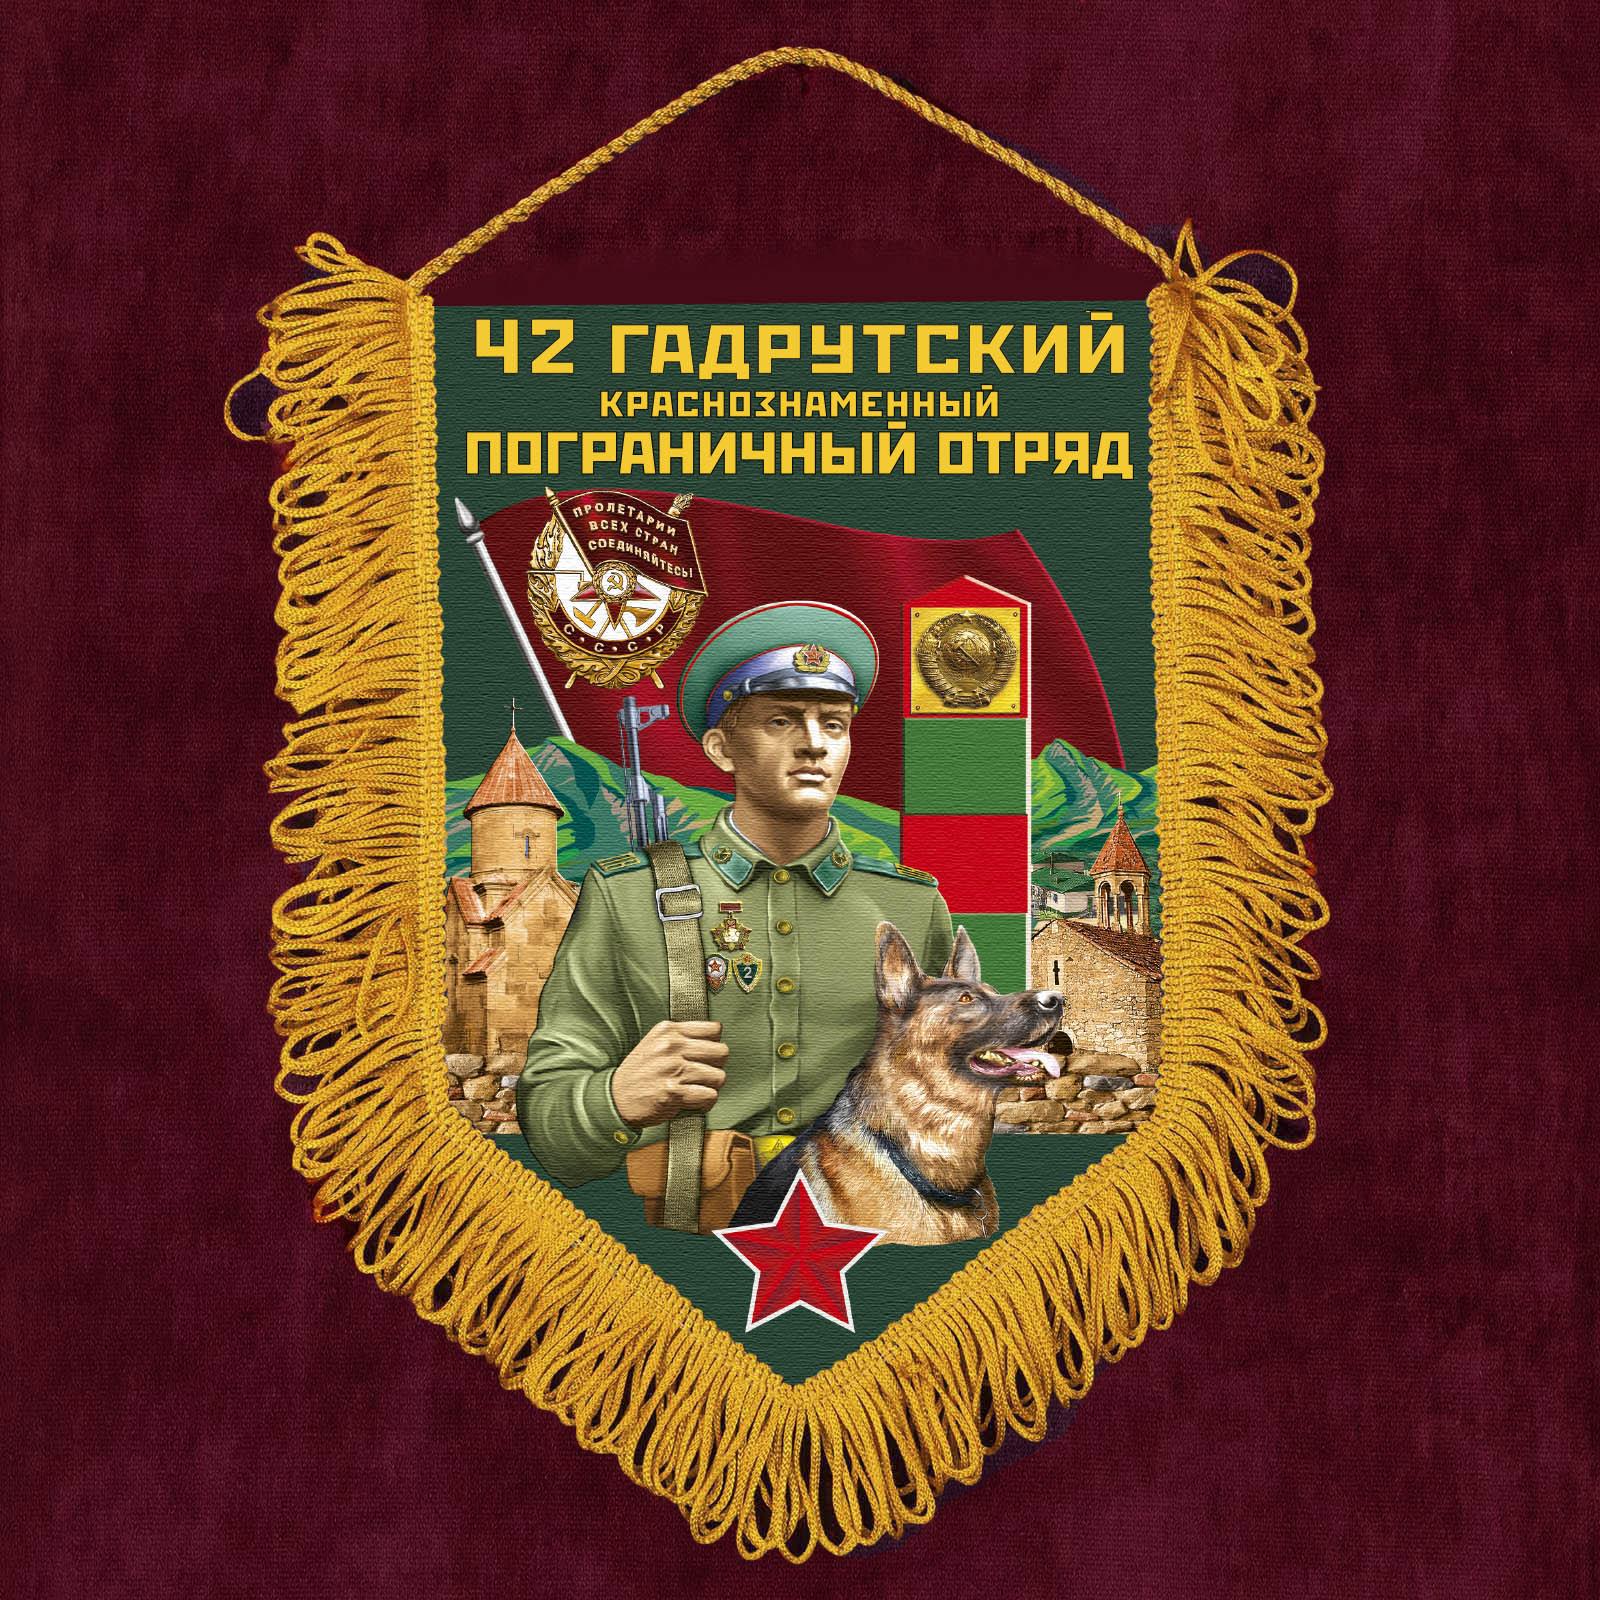 """Памятный вымпел """"42 Гадрутский пограничный отряд"""""""